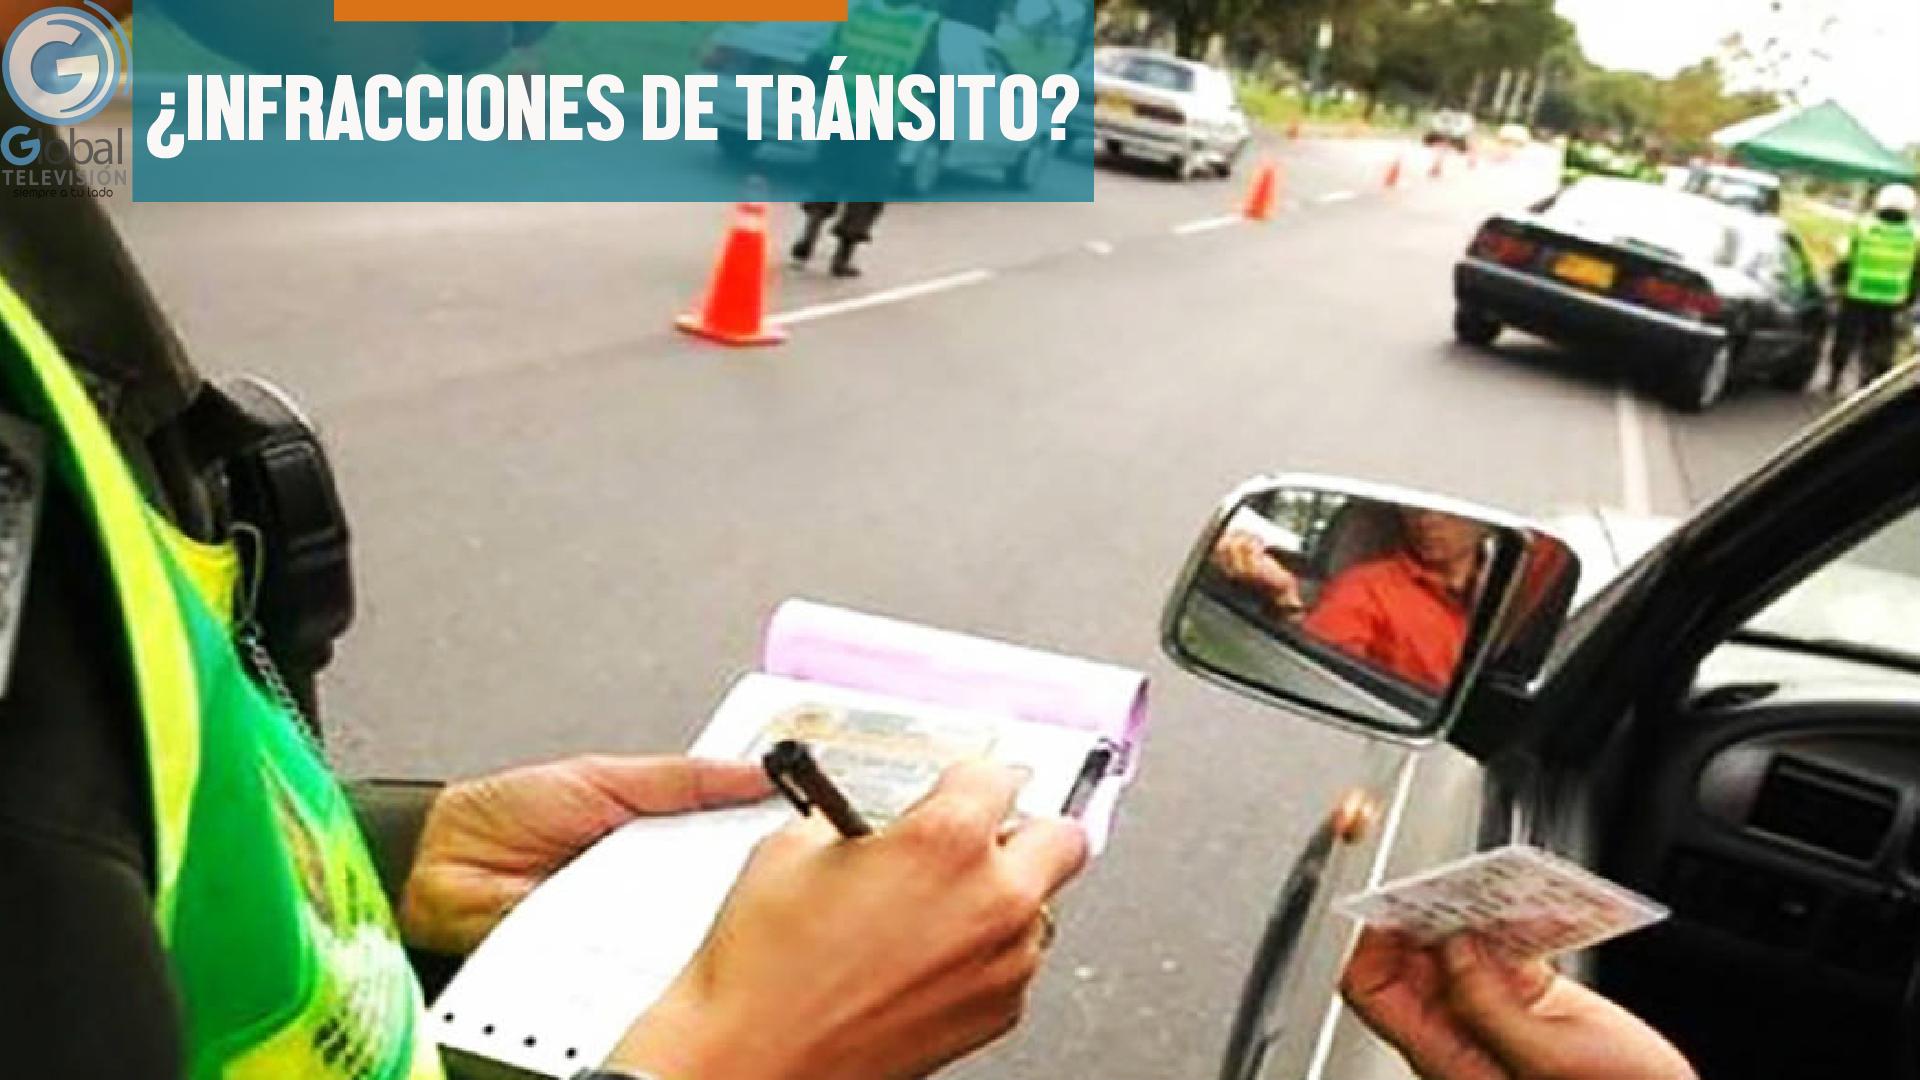 Infracciones transito en villavicencio y secreataria de movilidad municipal